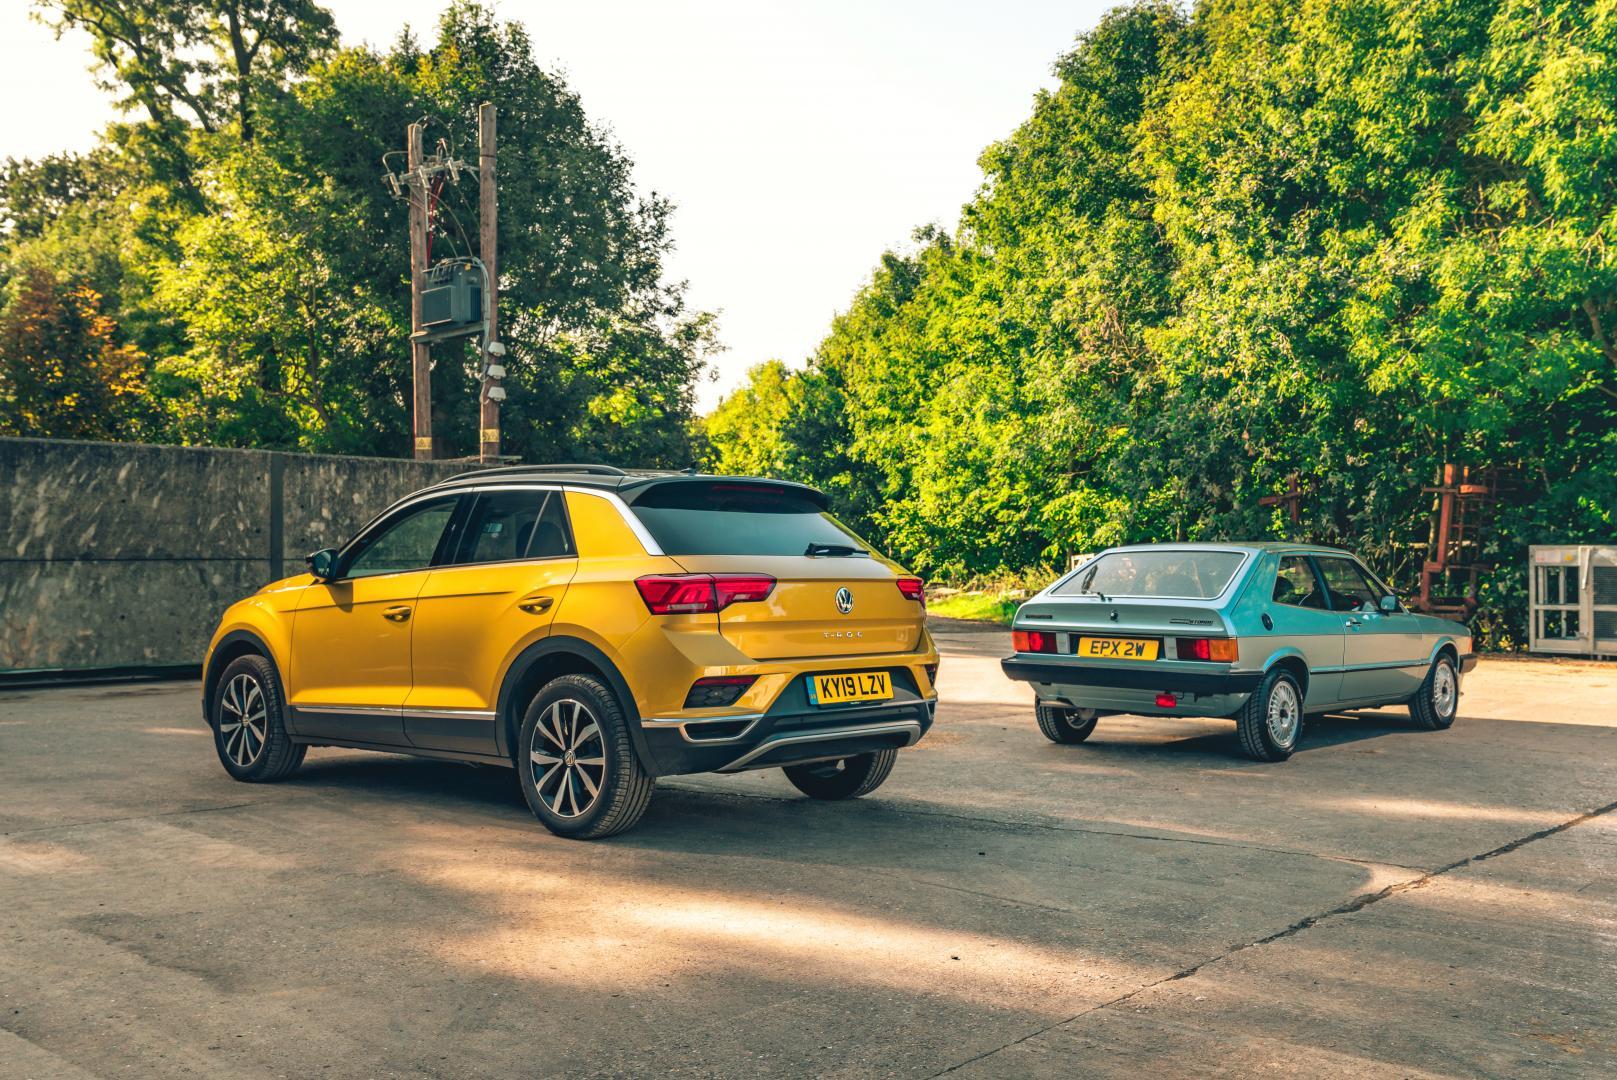 VW-Golf derivaten